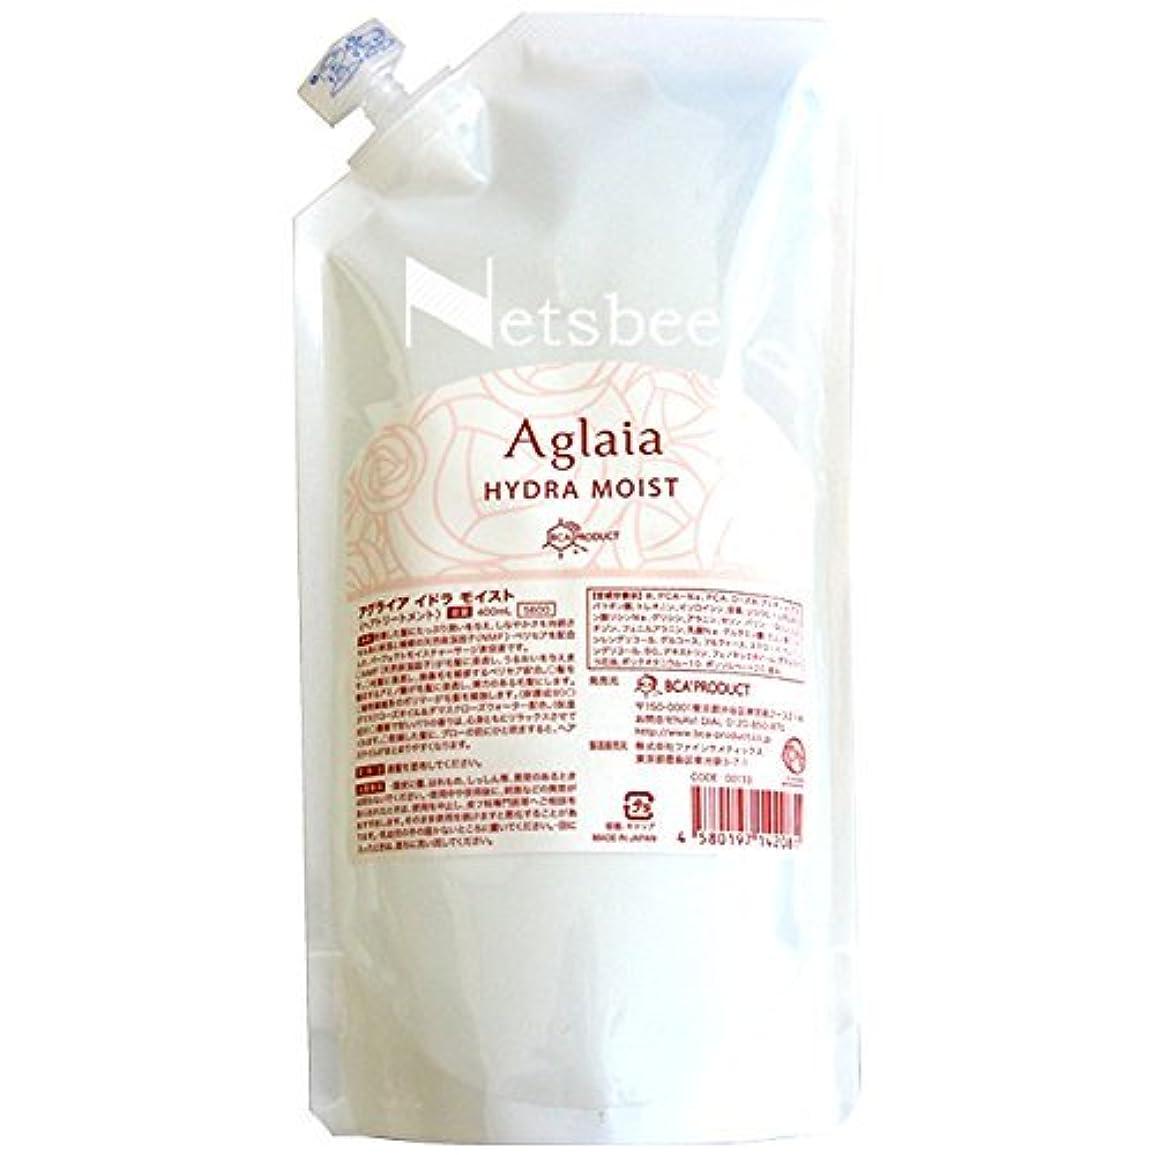 曲がった冬独立したアグライア イドラモイスト(Aglaia HYDRA MOIST) 400ml